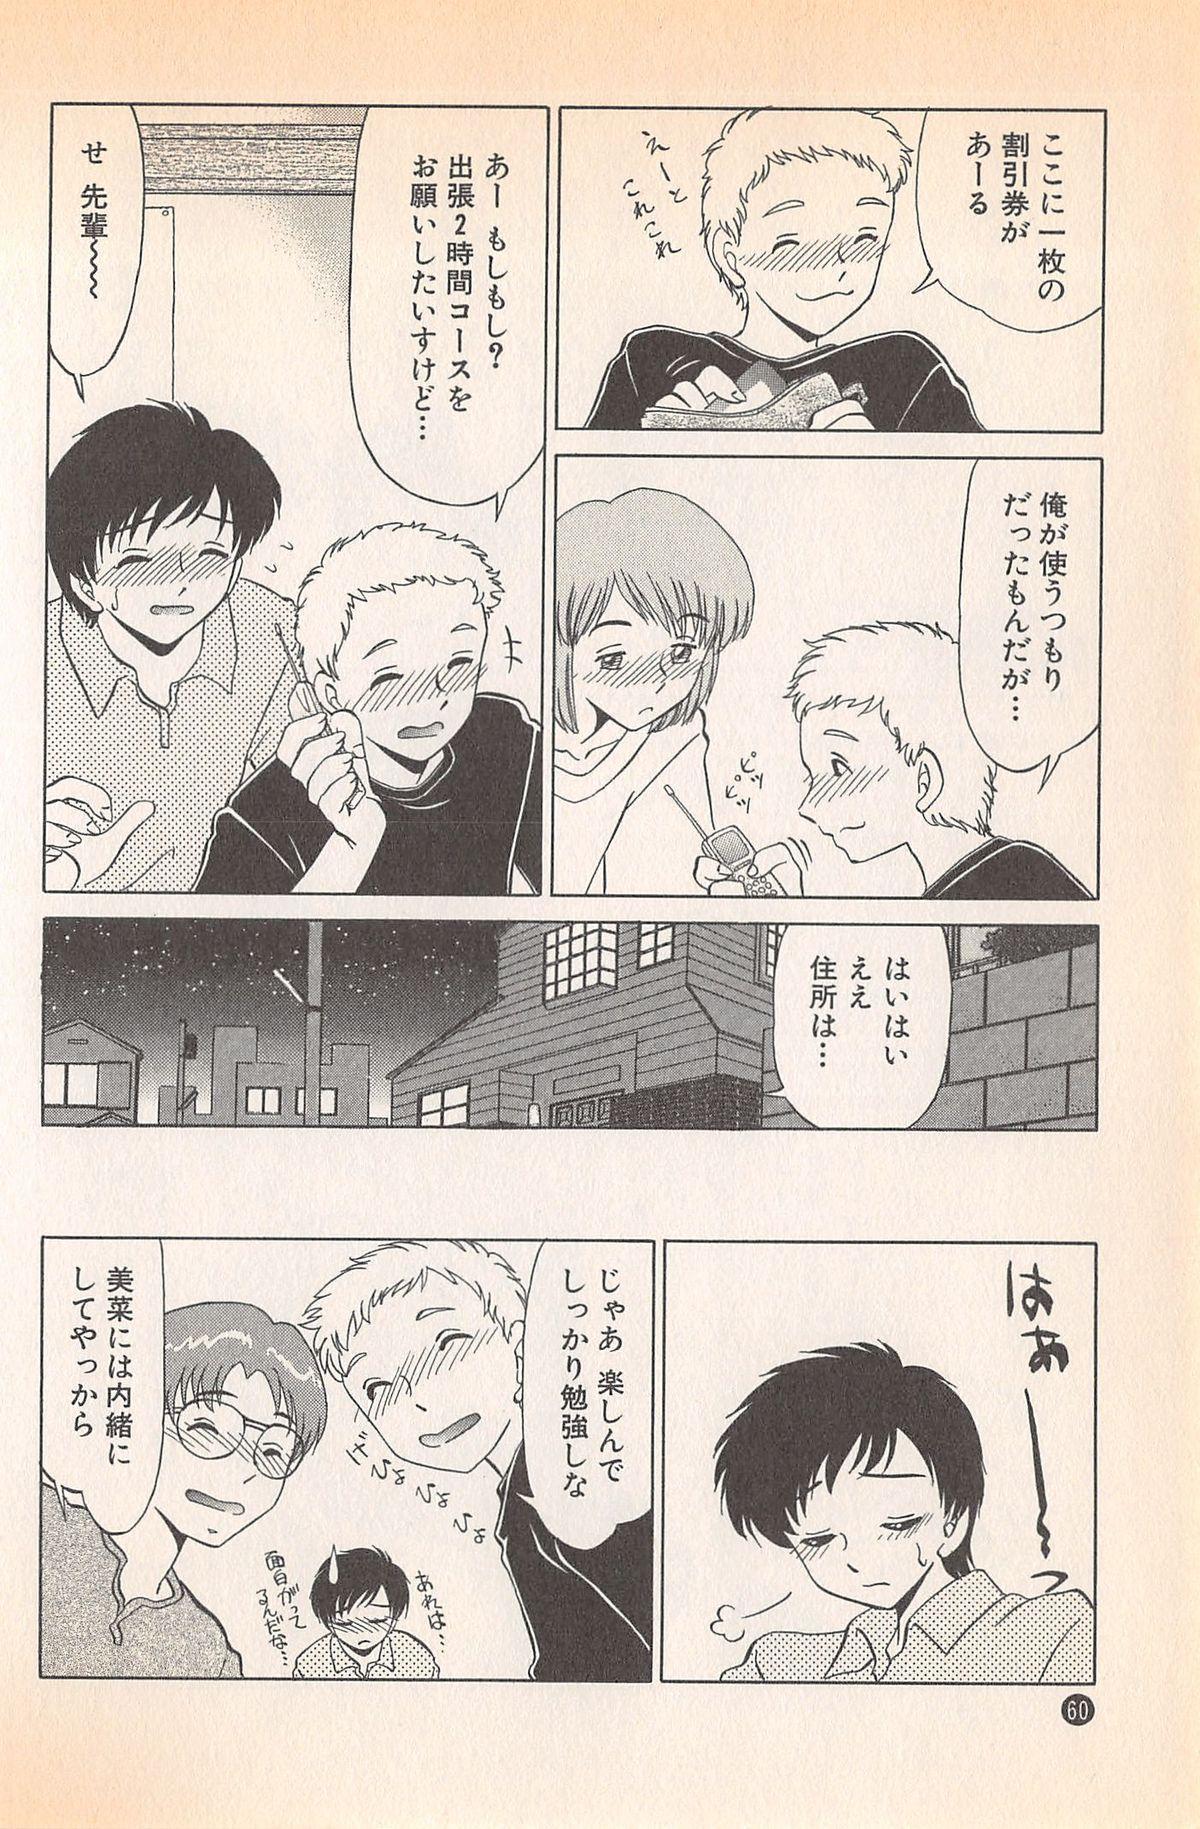 Doki Doki no Shikumi 61